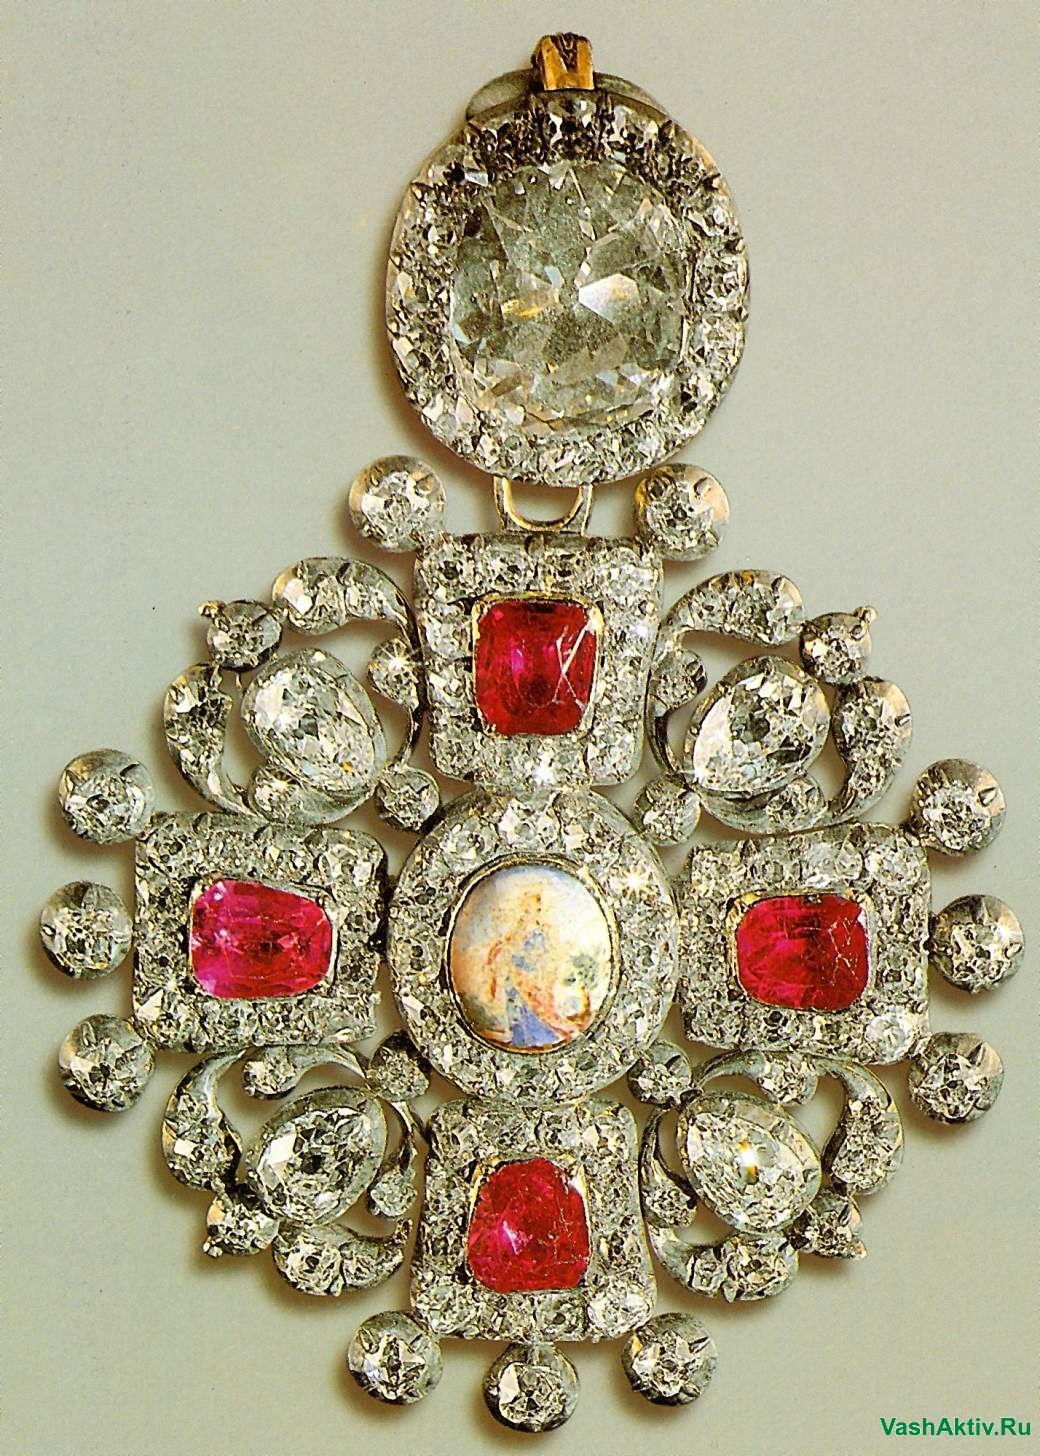 Фото украшений 18-19 века